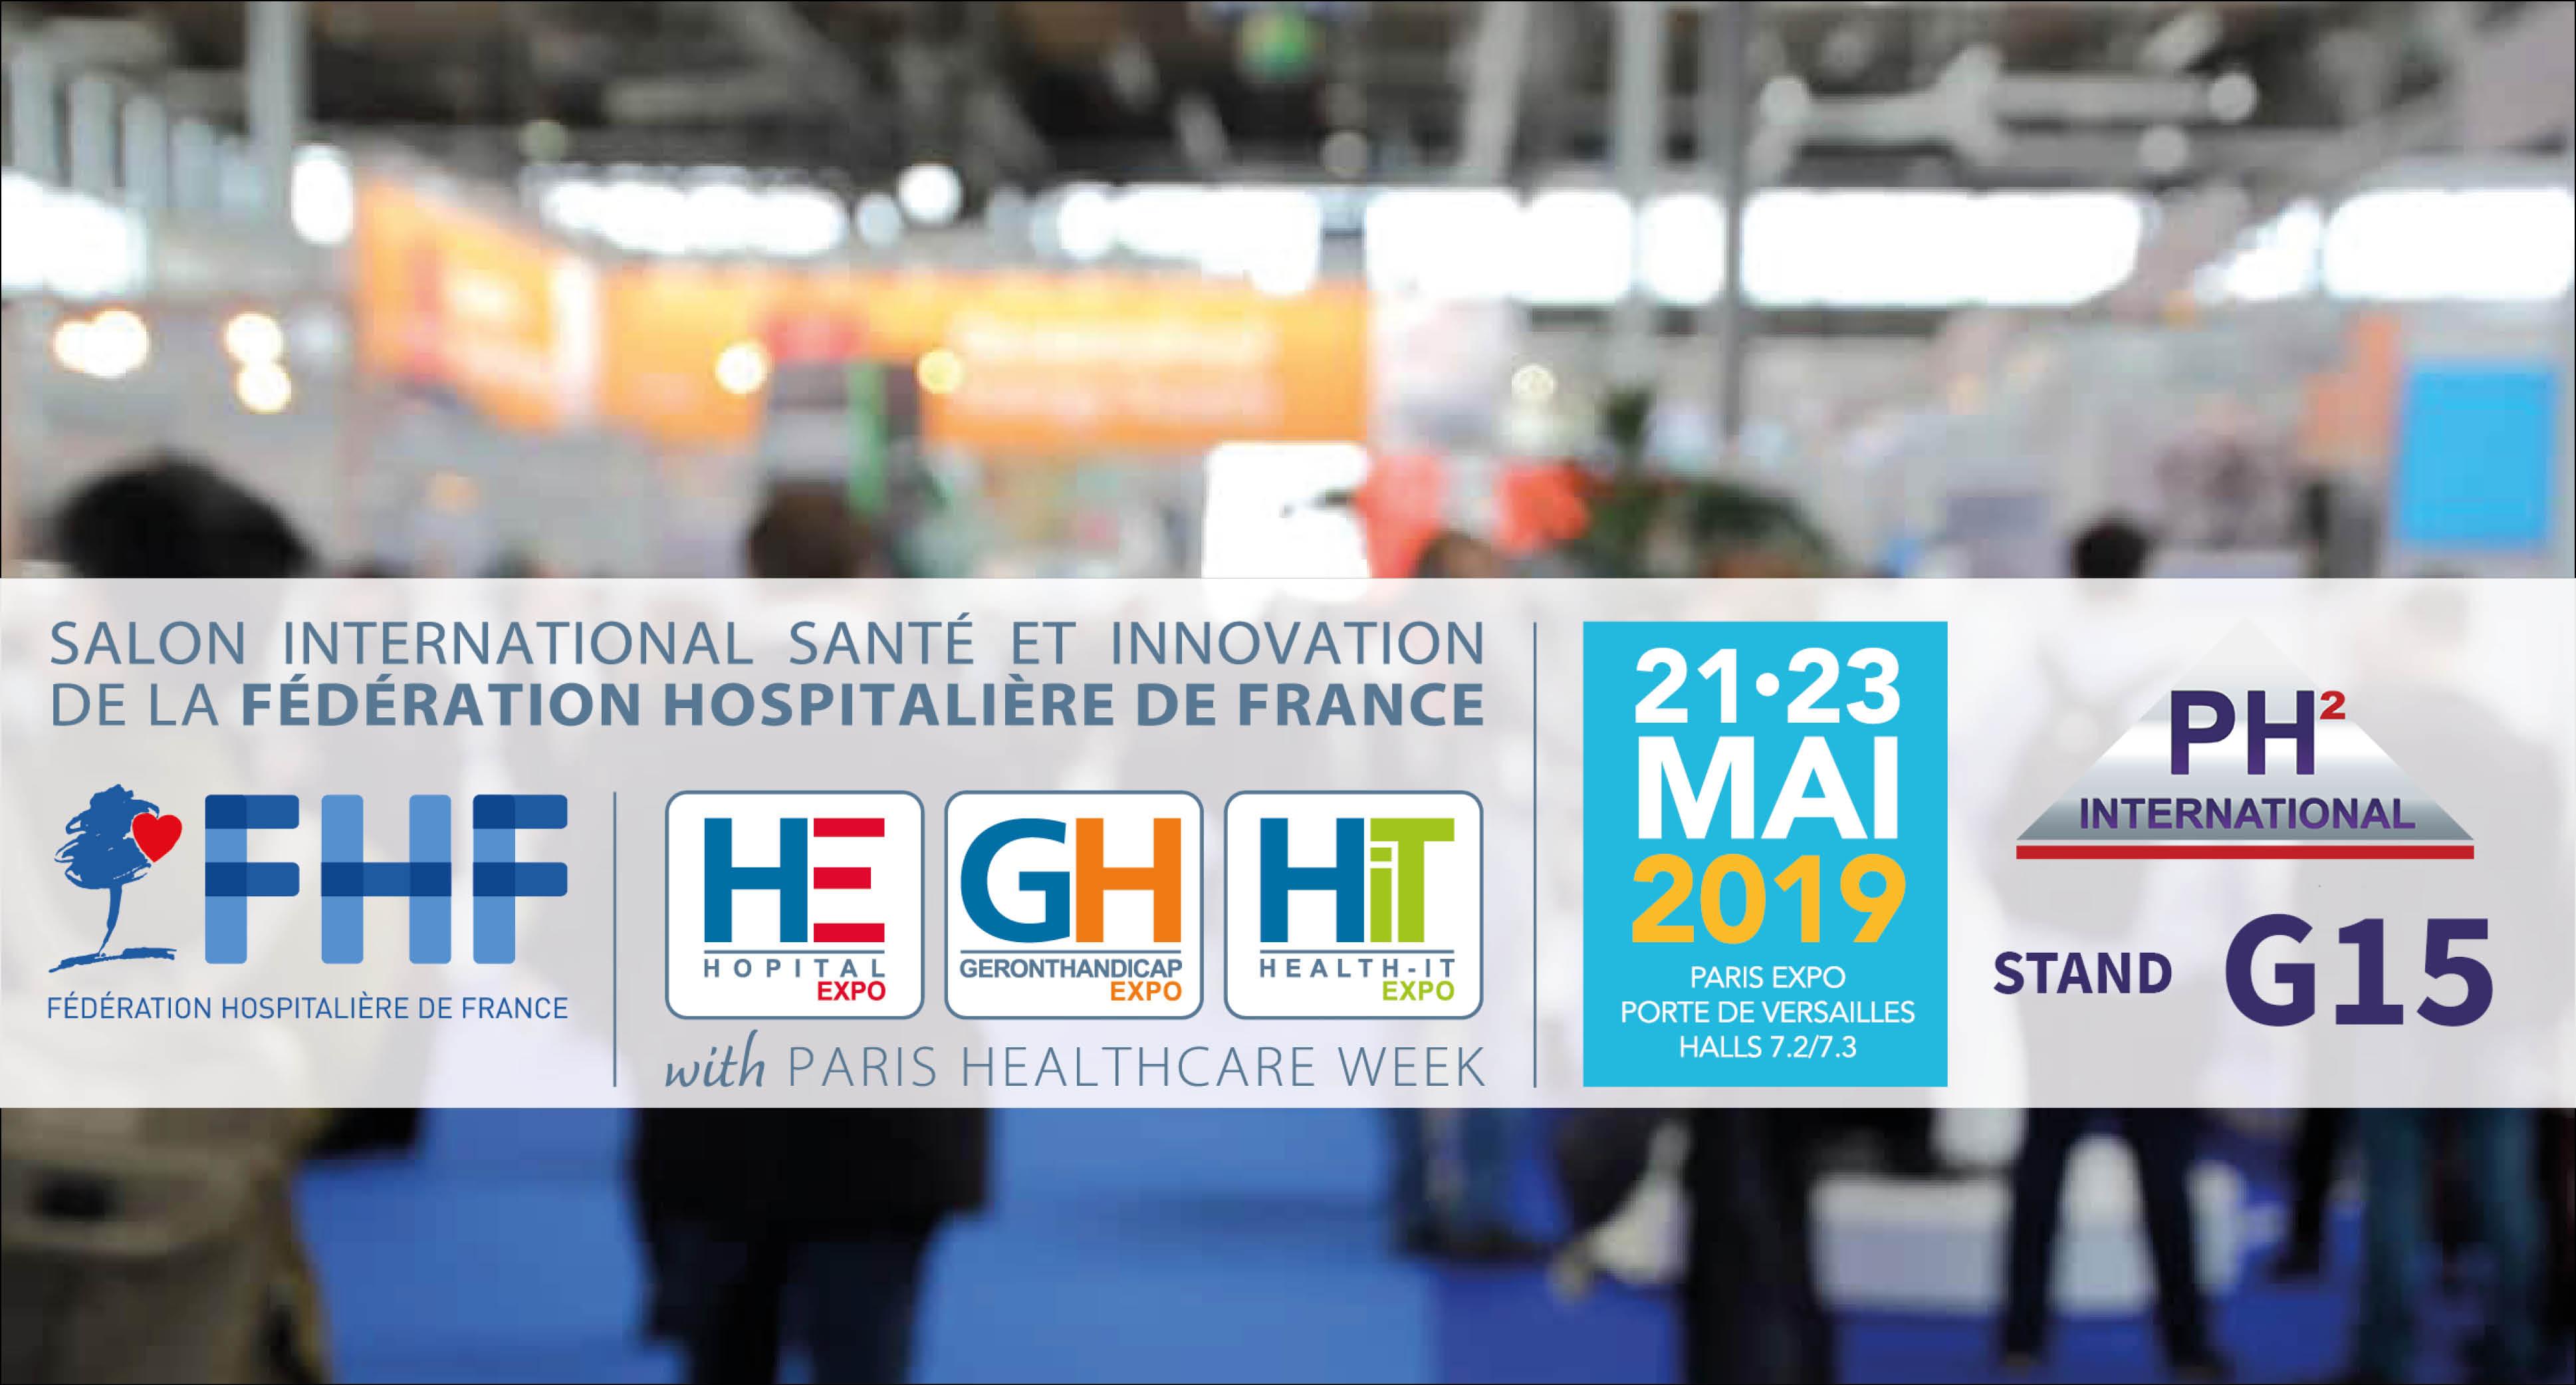 Paris Healthcare Week 2019 – PH² International